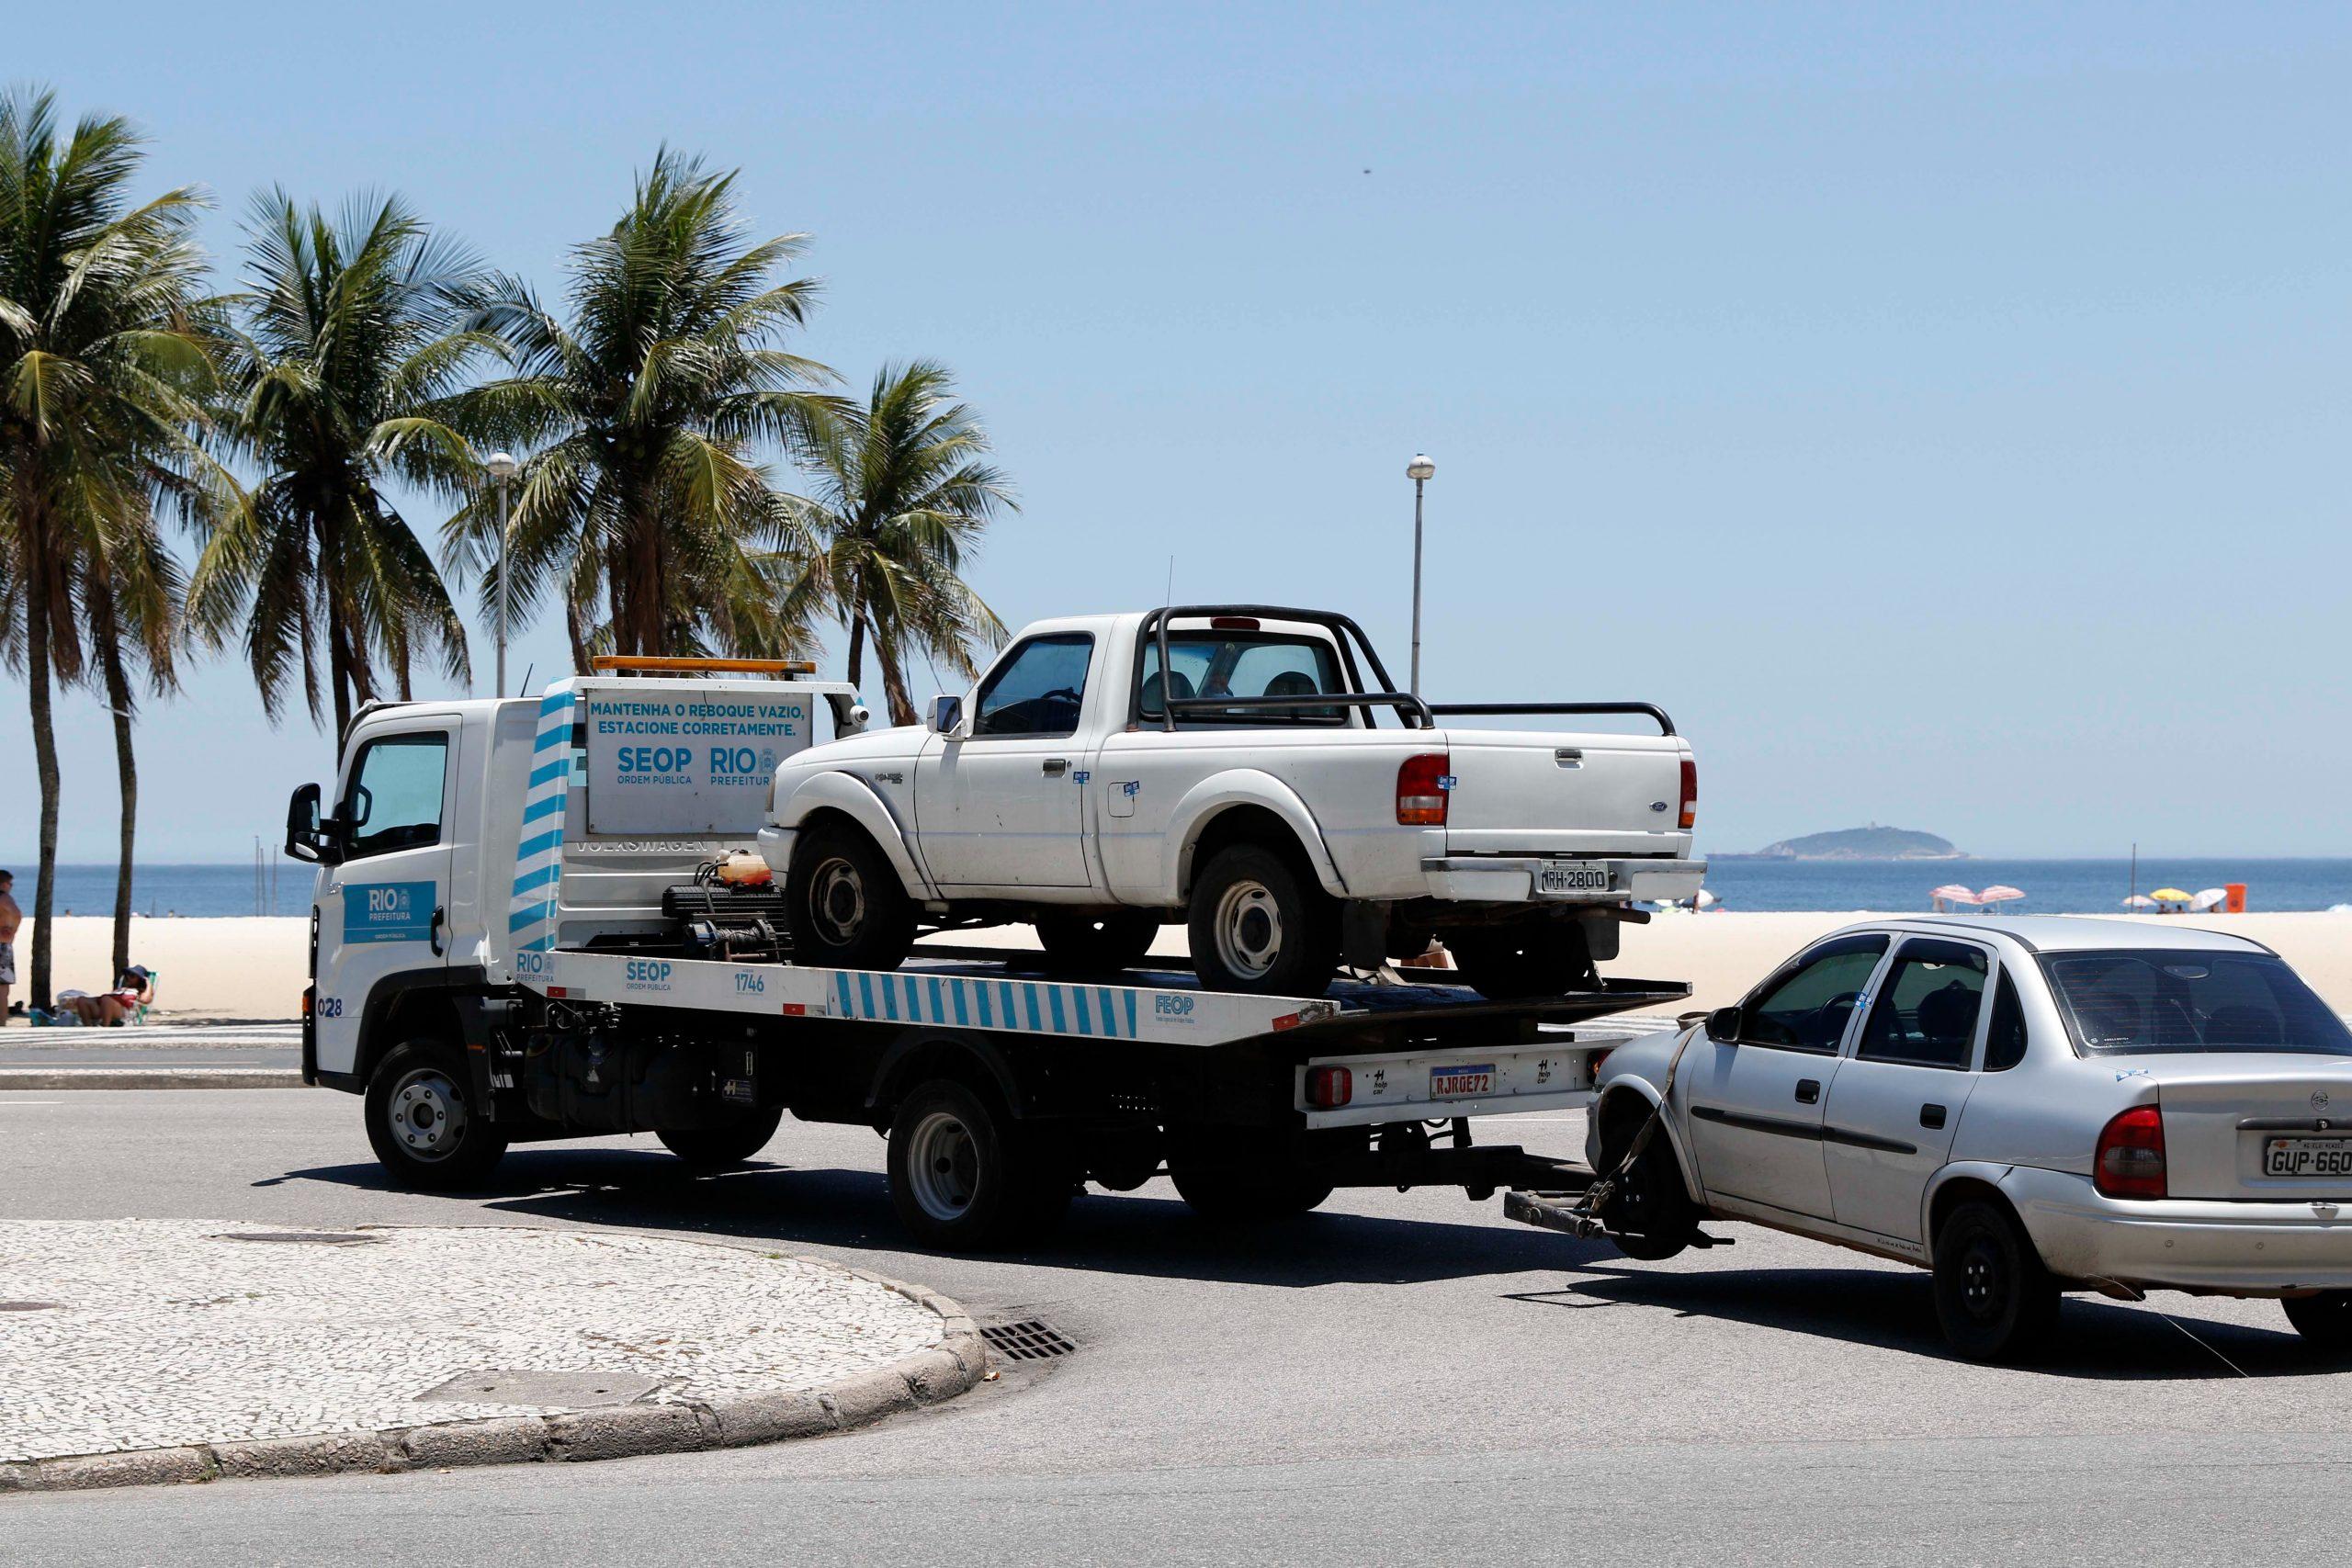 carro guinchado no rio de janeiro fernando frazao agencia brasil